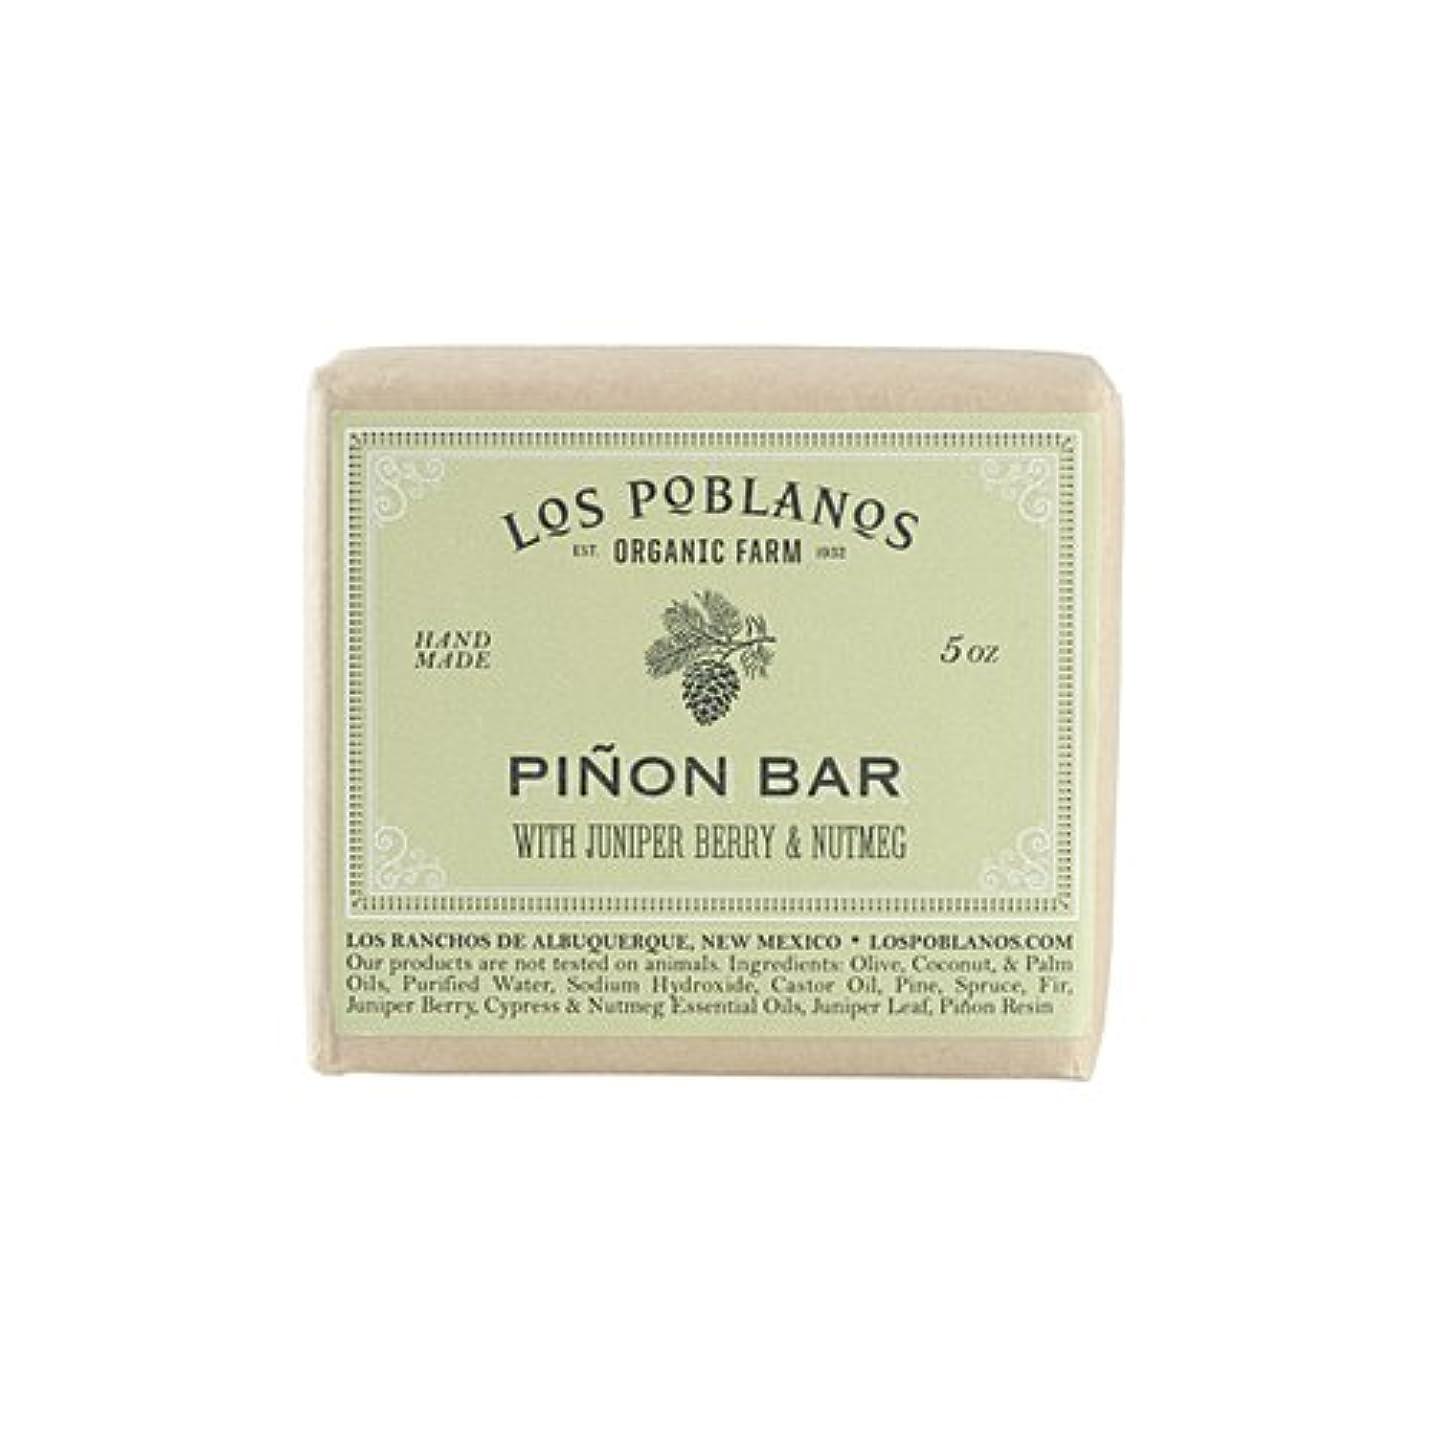 富豪まろやかな引数ロス ポブラノス ピニョンバー(マツの石鹸)130g LOS POBLANOS[ヘルスケア&ビューティー]